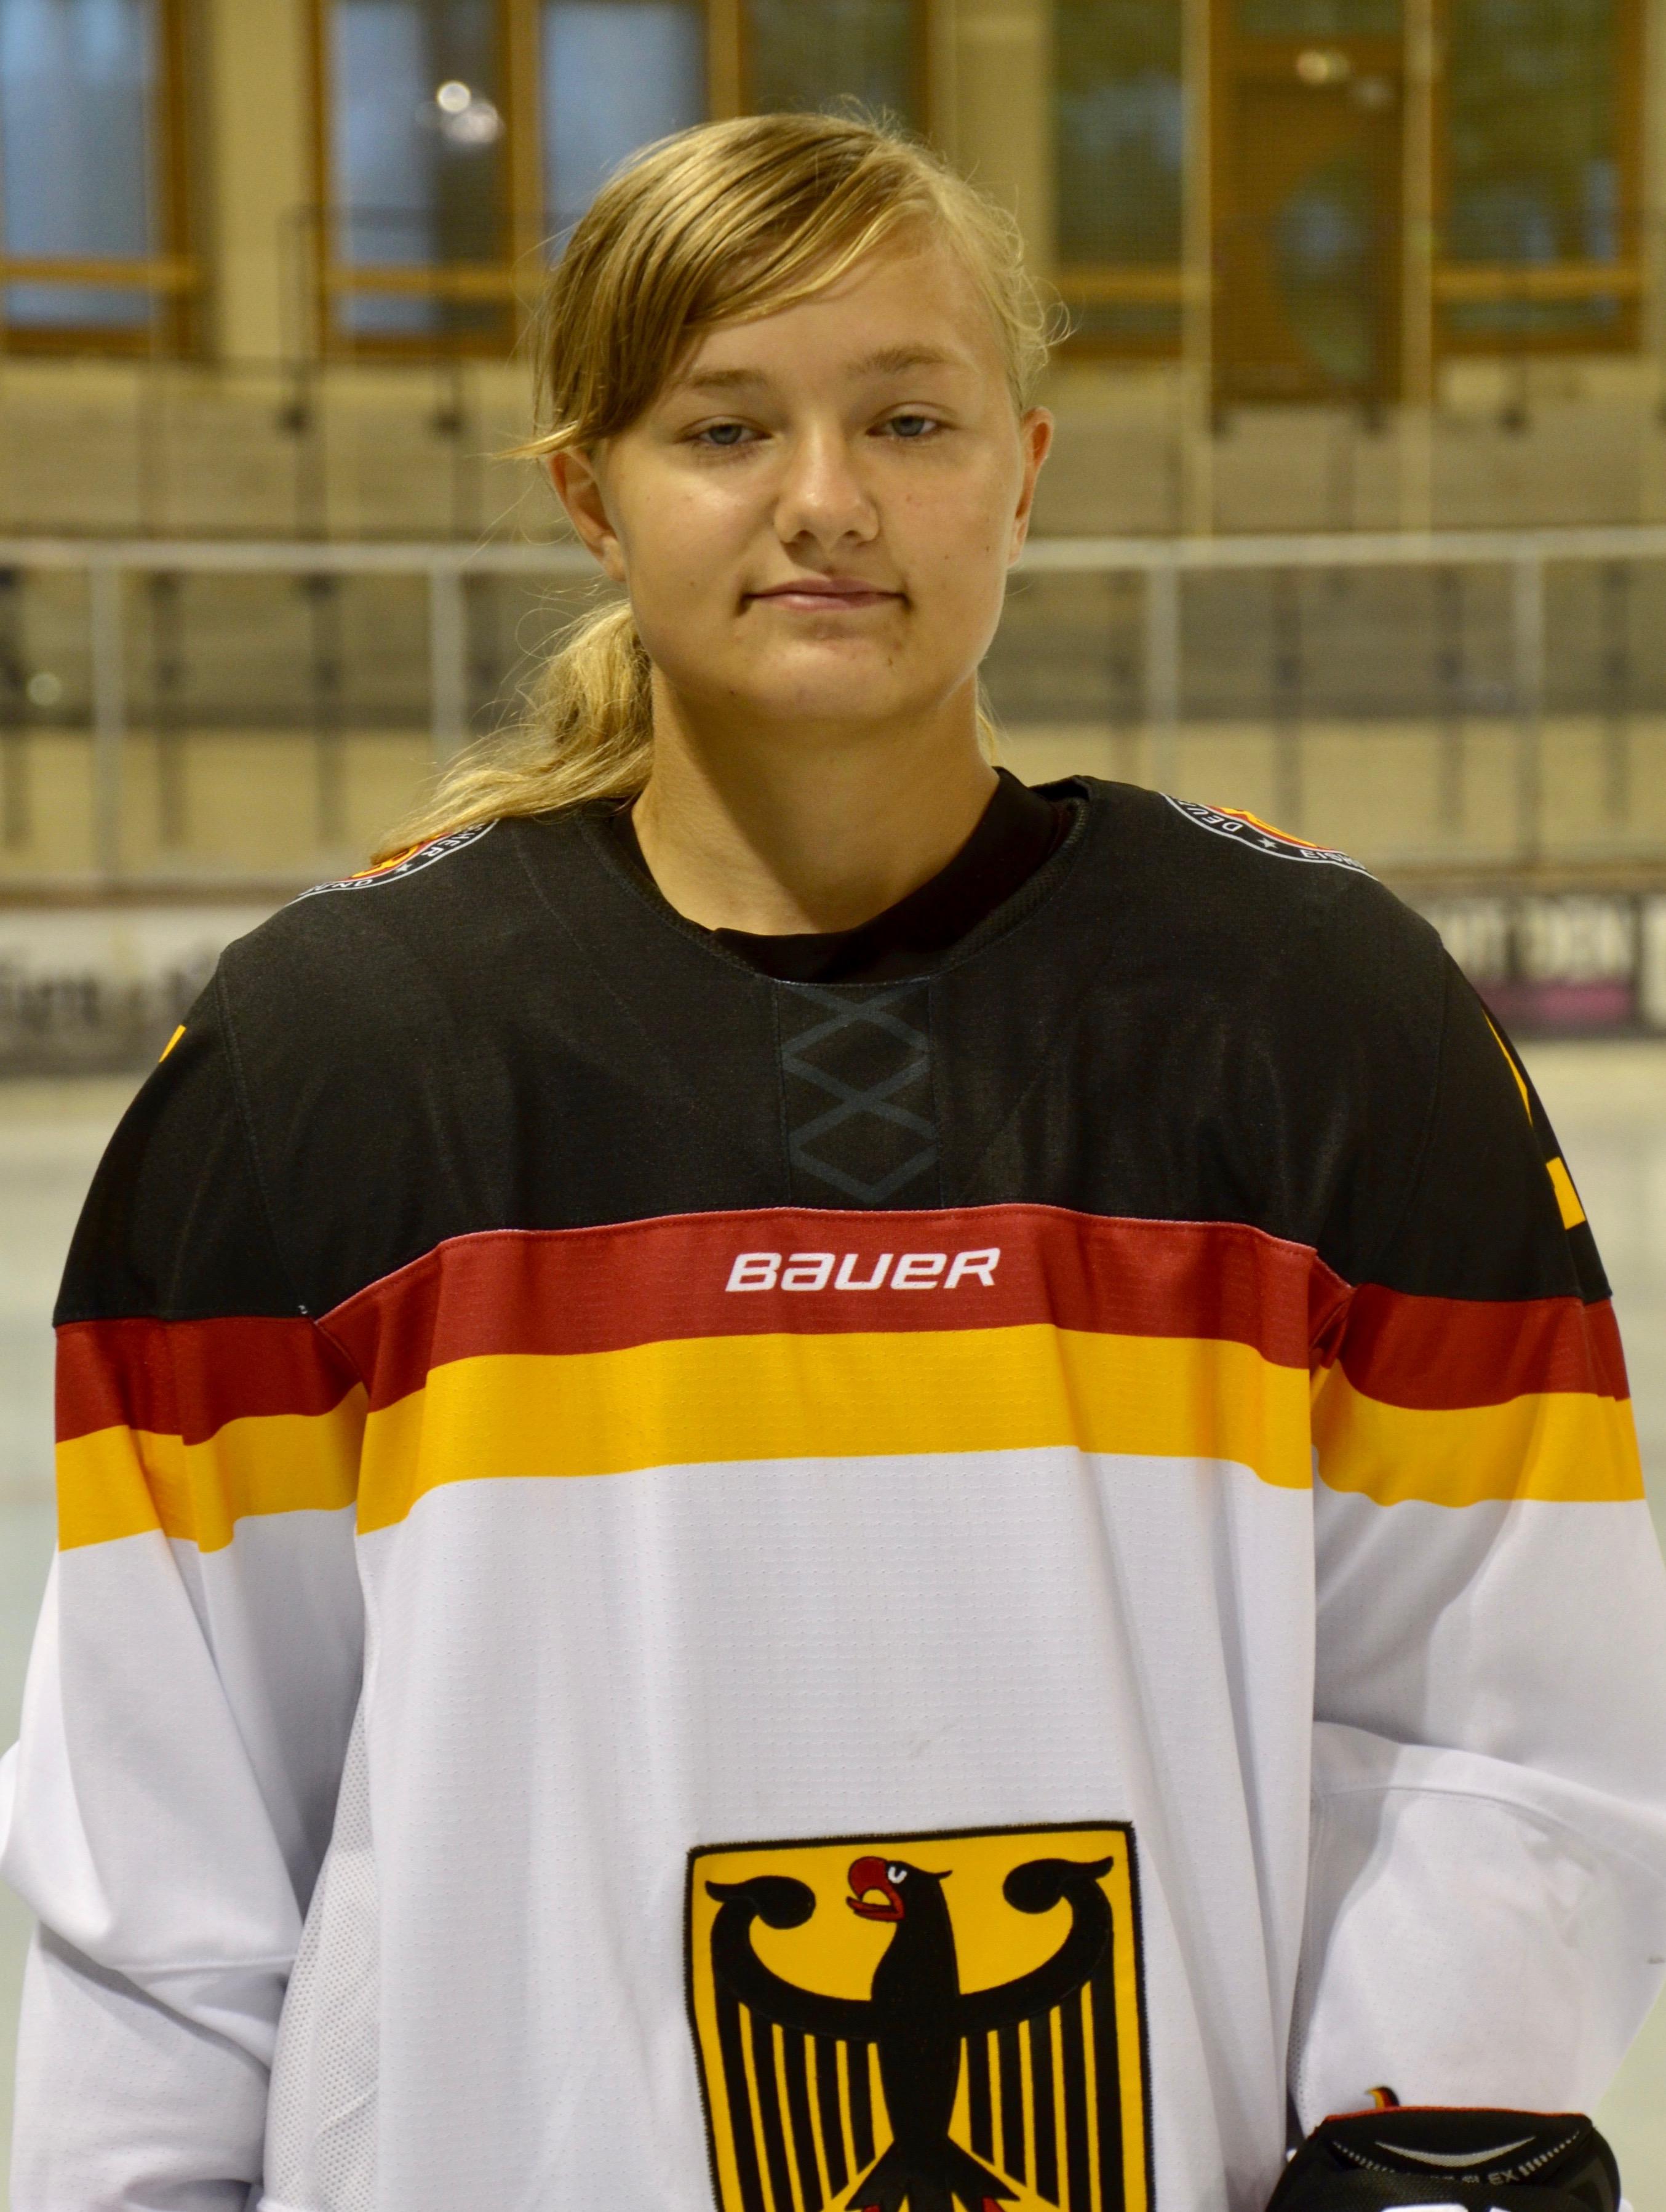 Strompf, Heidi